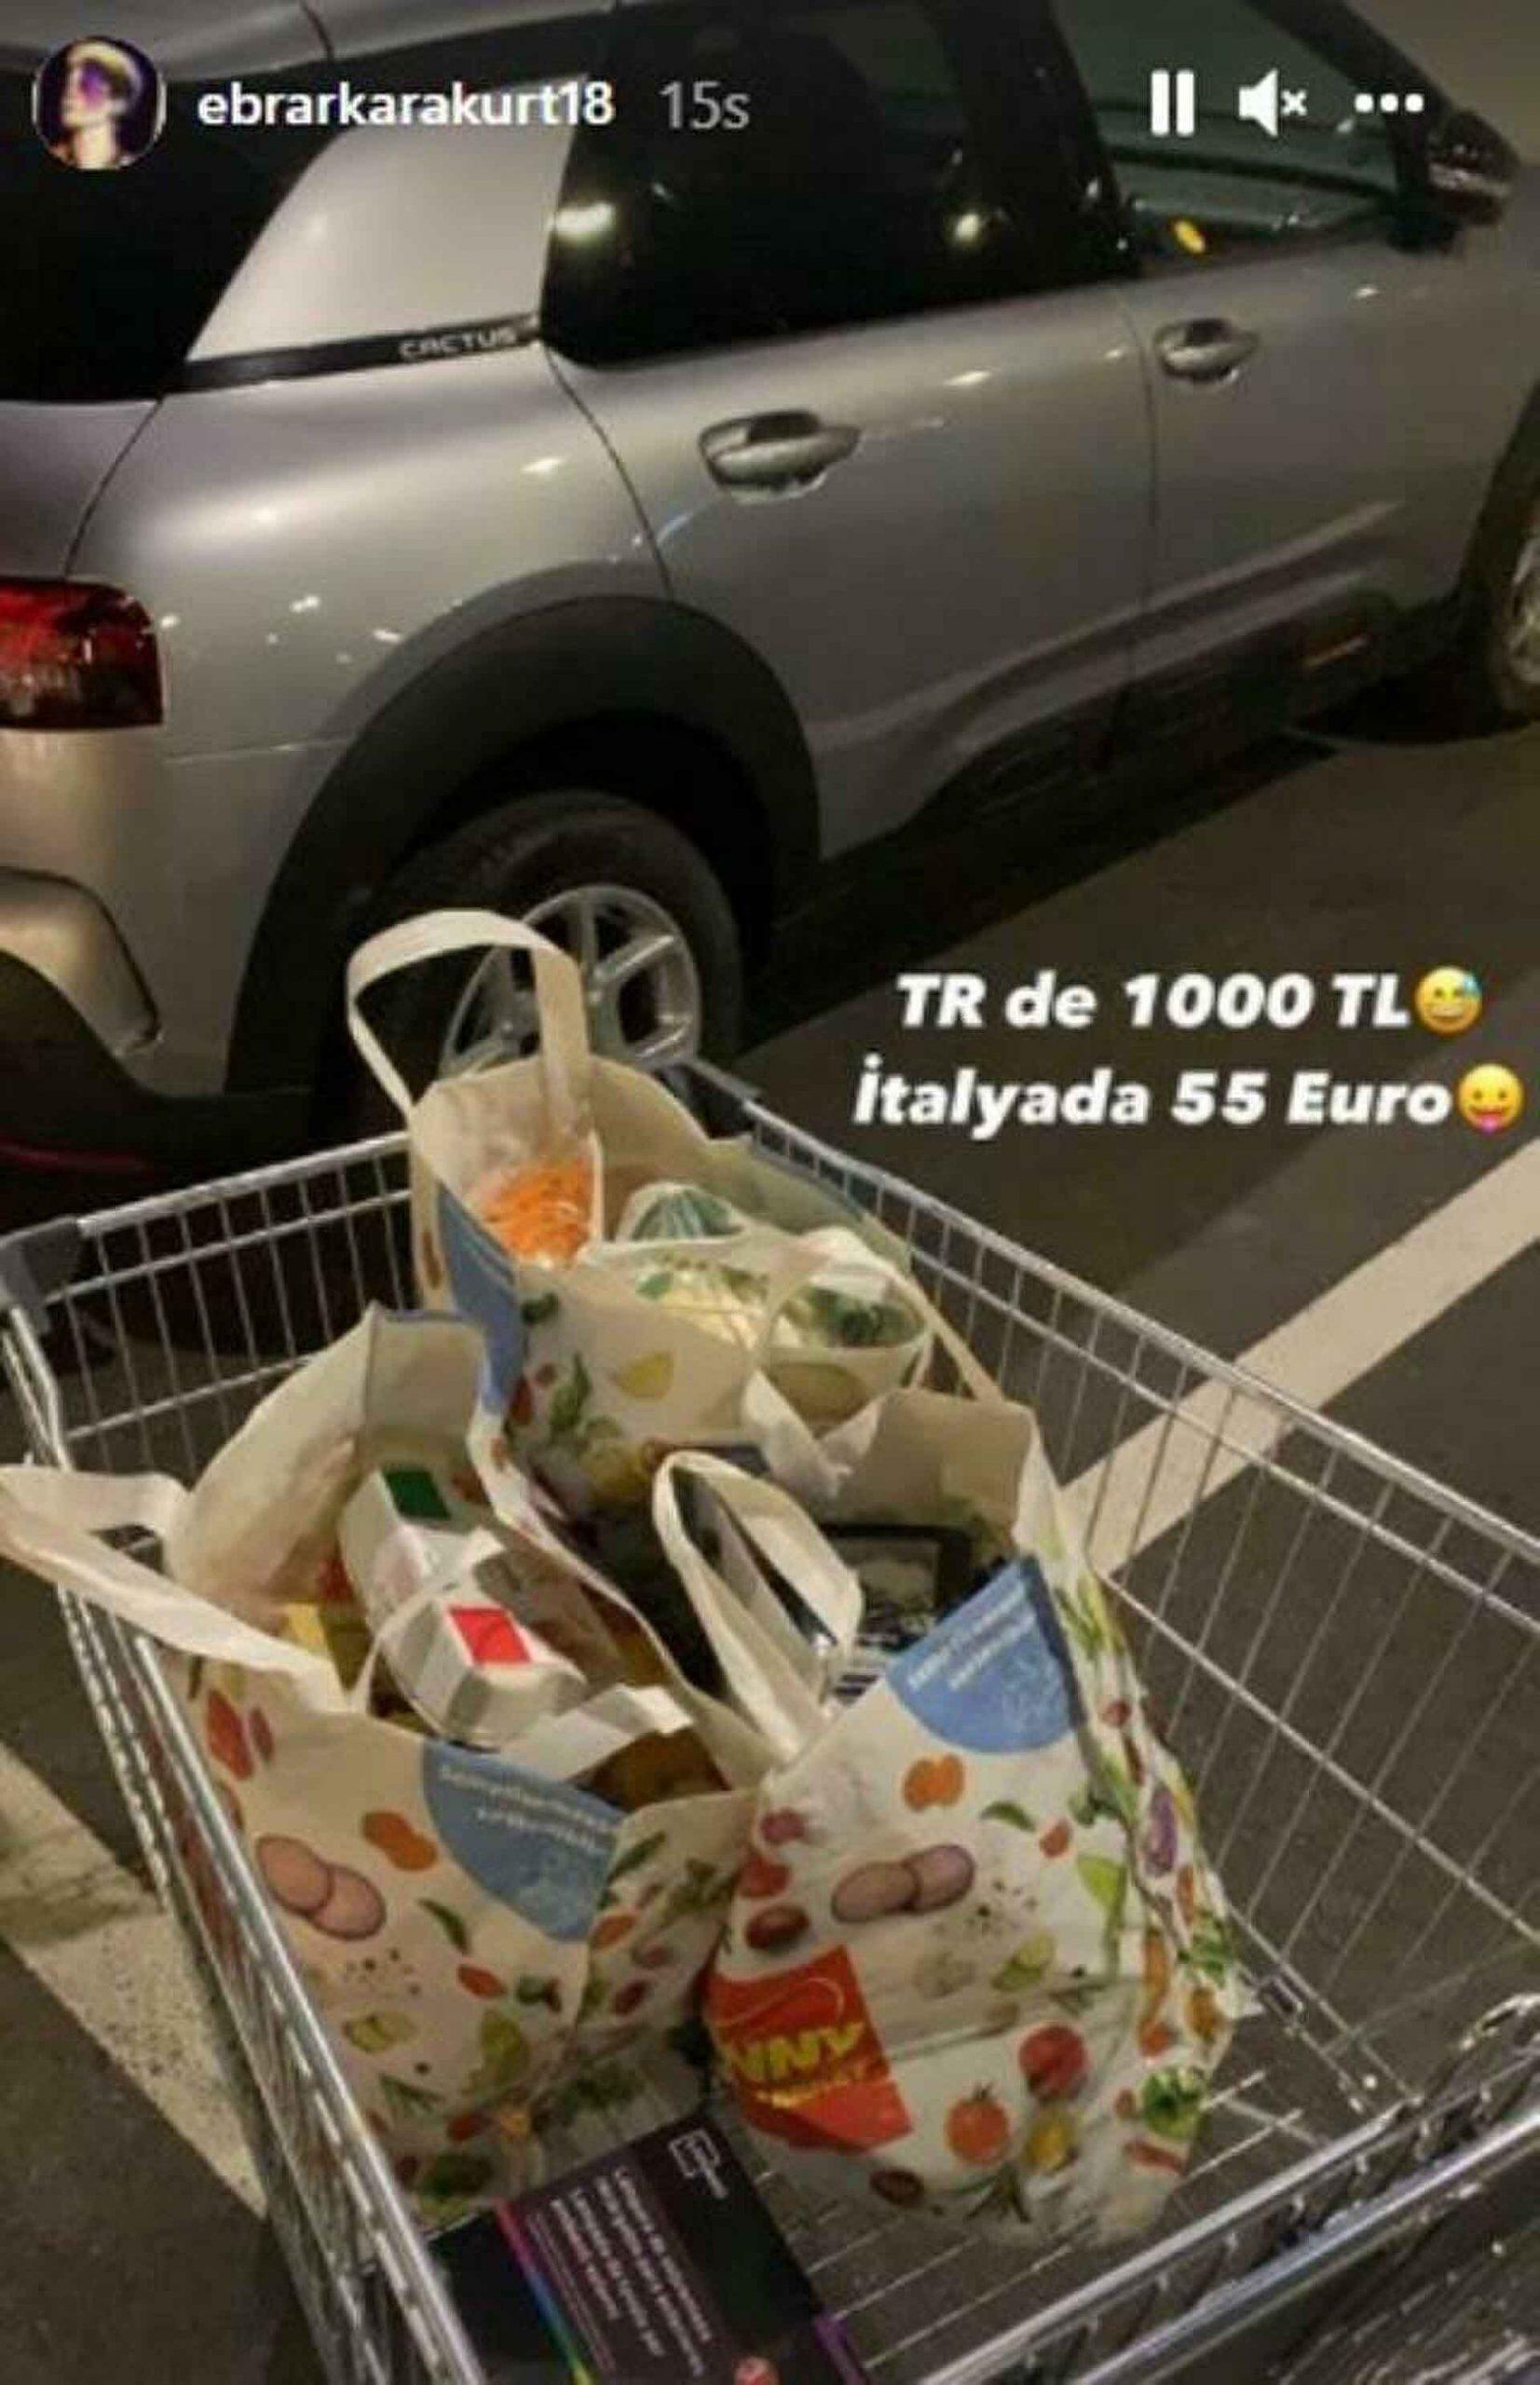 Ebrar Karakurt İtalya'da market alışverişini paylaştı: 'TR'de 1.000 lira, İtalya'da 55 euro'